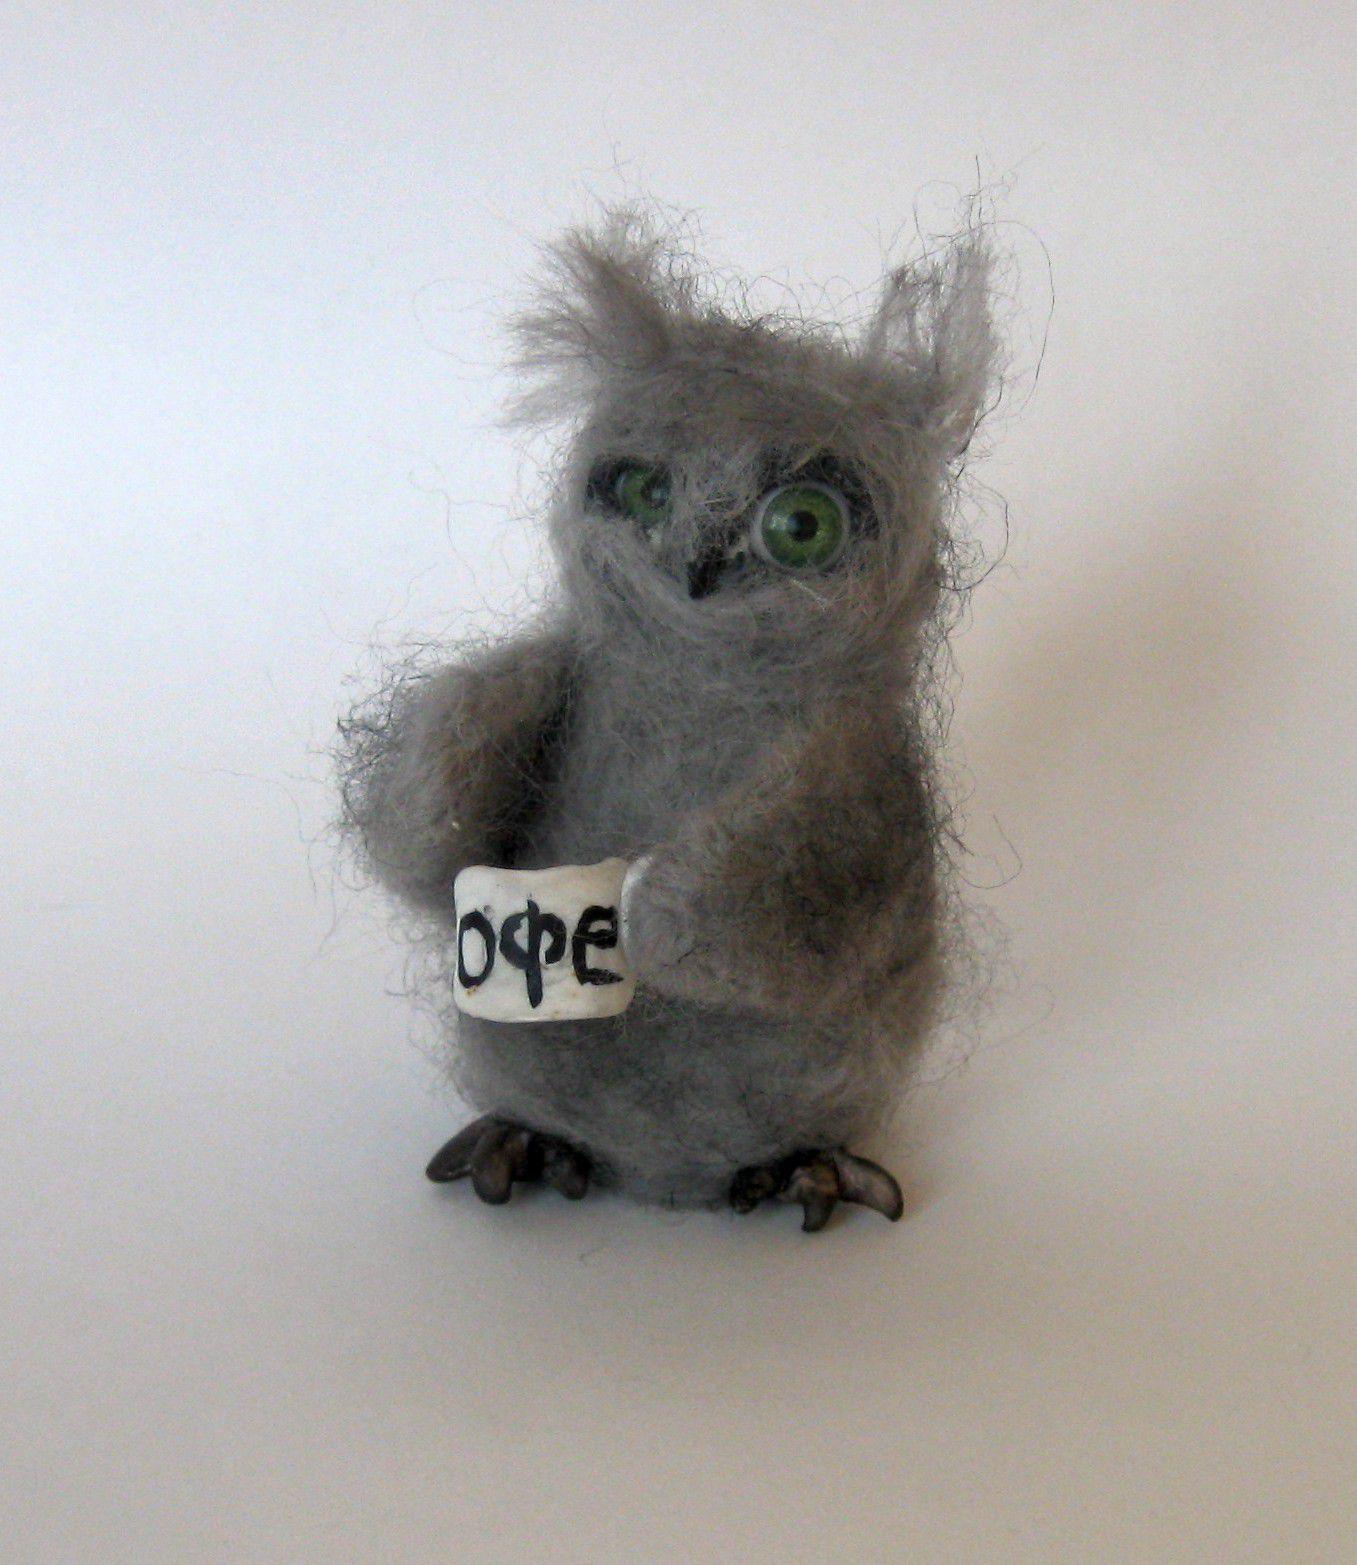 идея сова ручная подарка игрушка валяная войлок из работа коллекция миниатюр валяшка коллекционная маленькая валяние миниатюра цвет шерсти купить сувенир серый в подарок